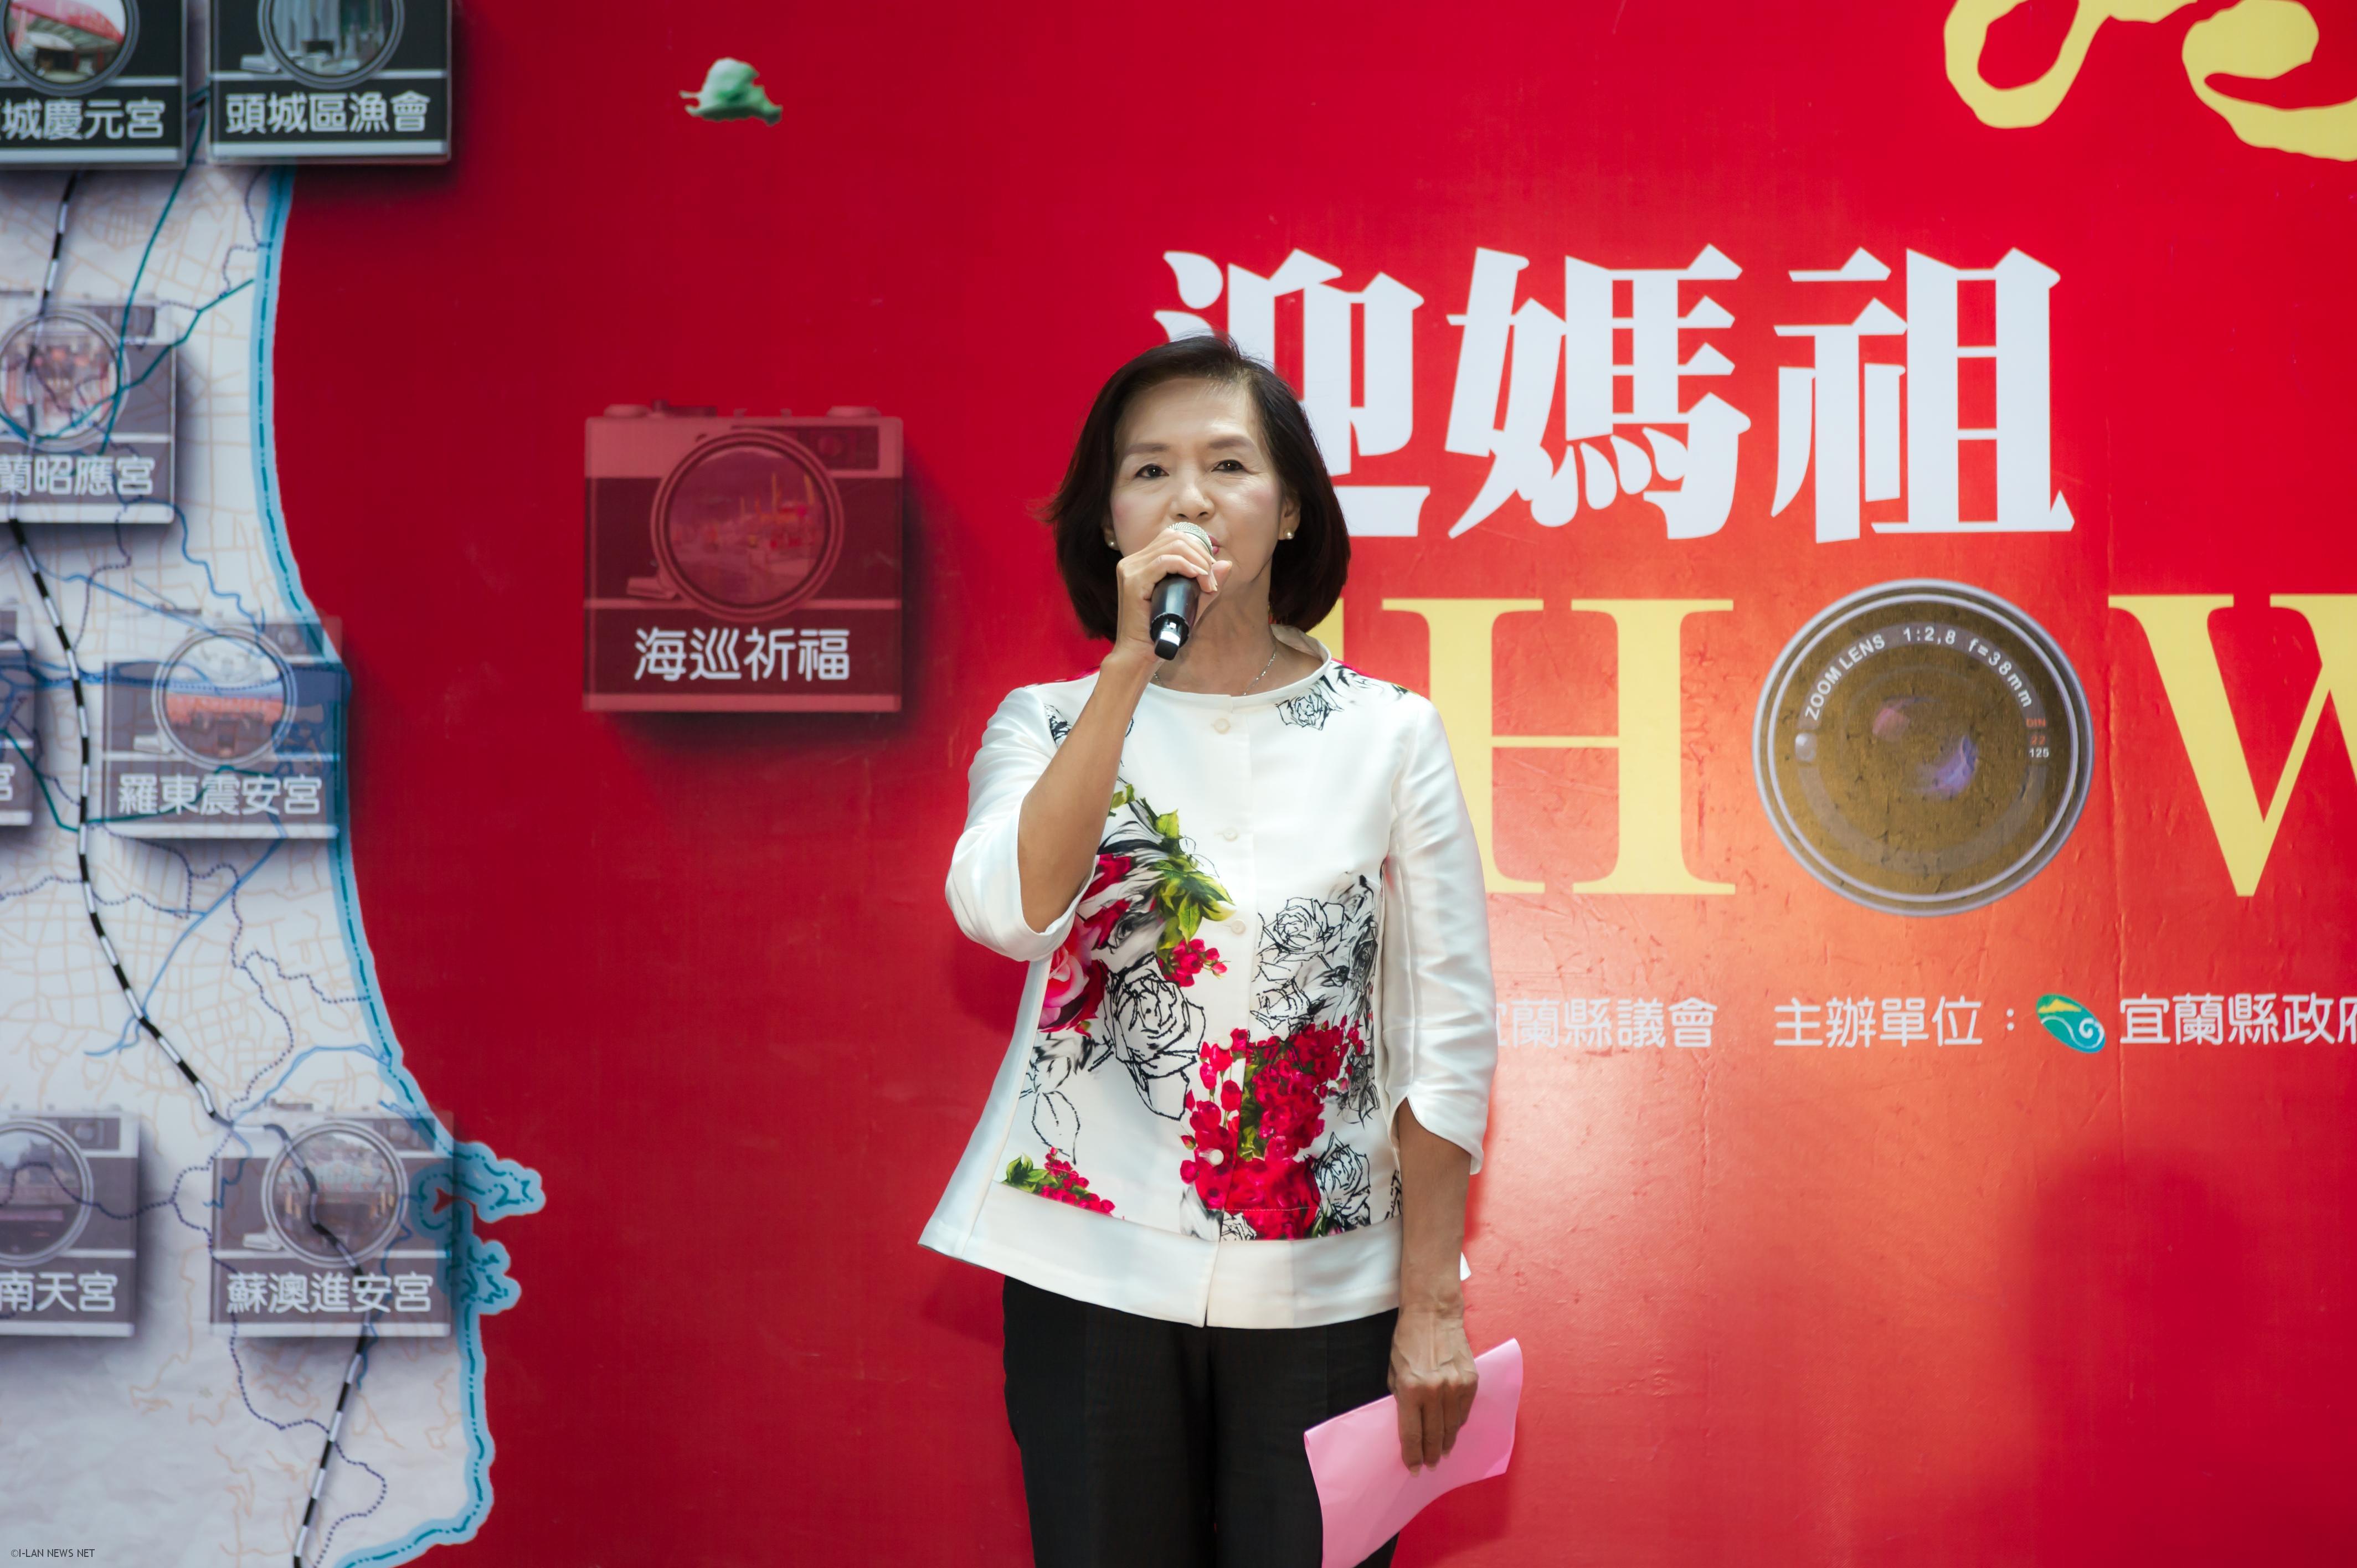 「2019北臺灣媽祖文化節-蘭陽媽祖護臺灣」將於9月6日至9月8日(農曆8月8日至8月10日)一連3天舉行海、陸遶境民俗慶典。